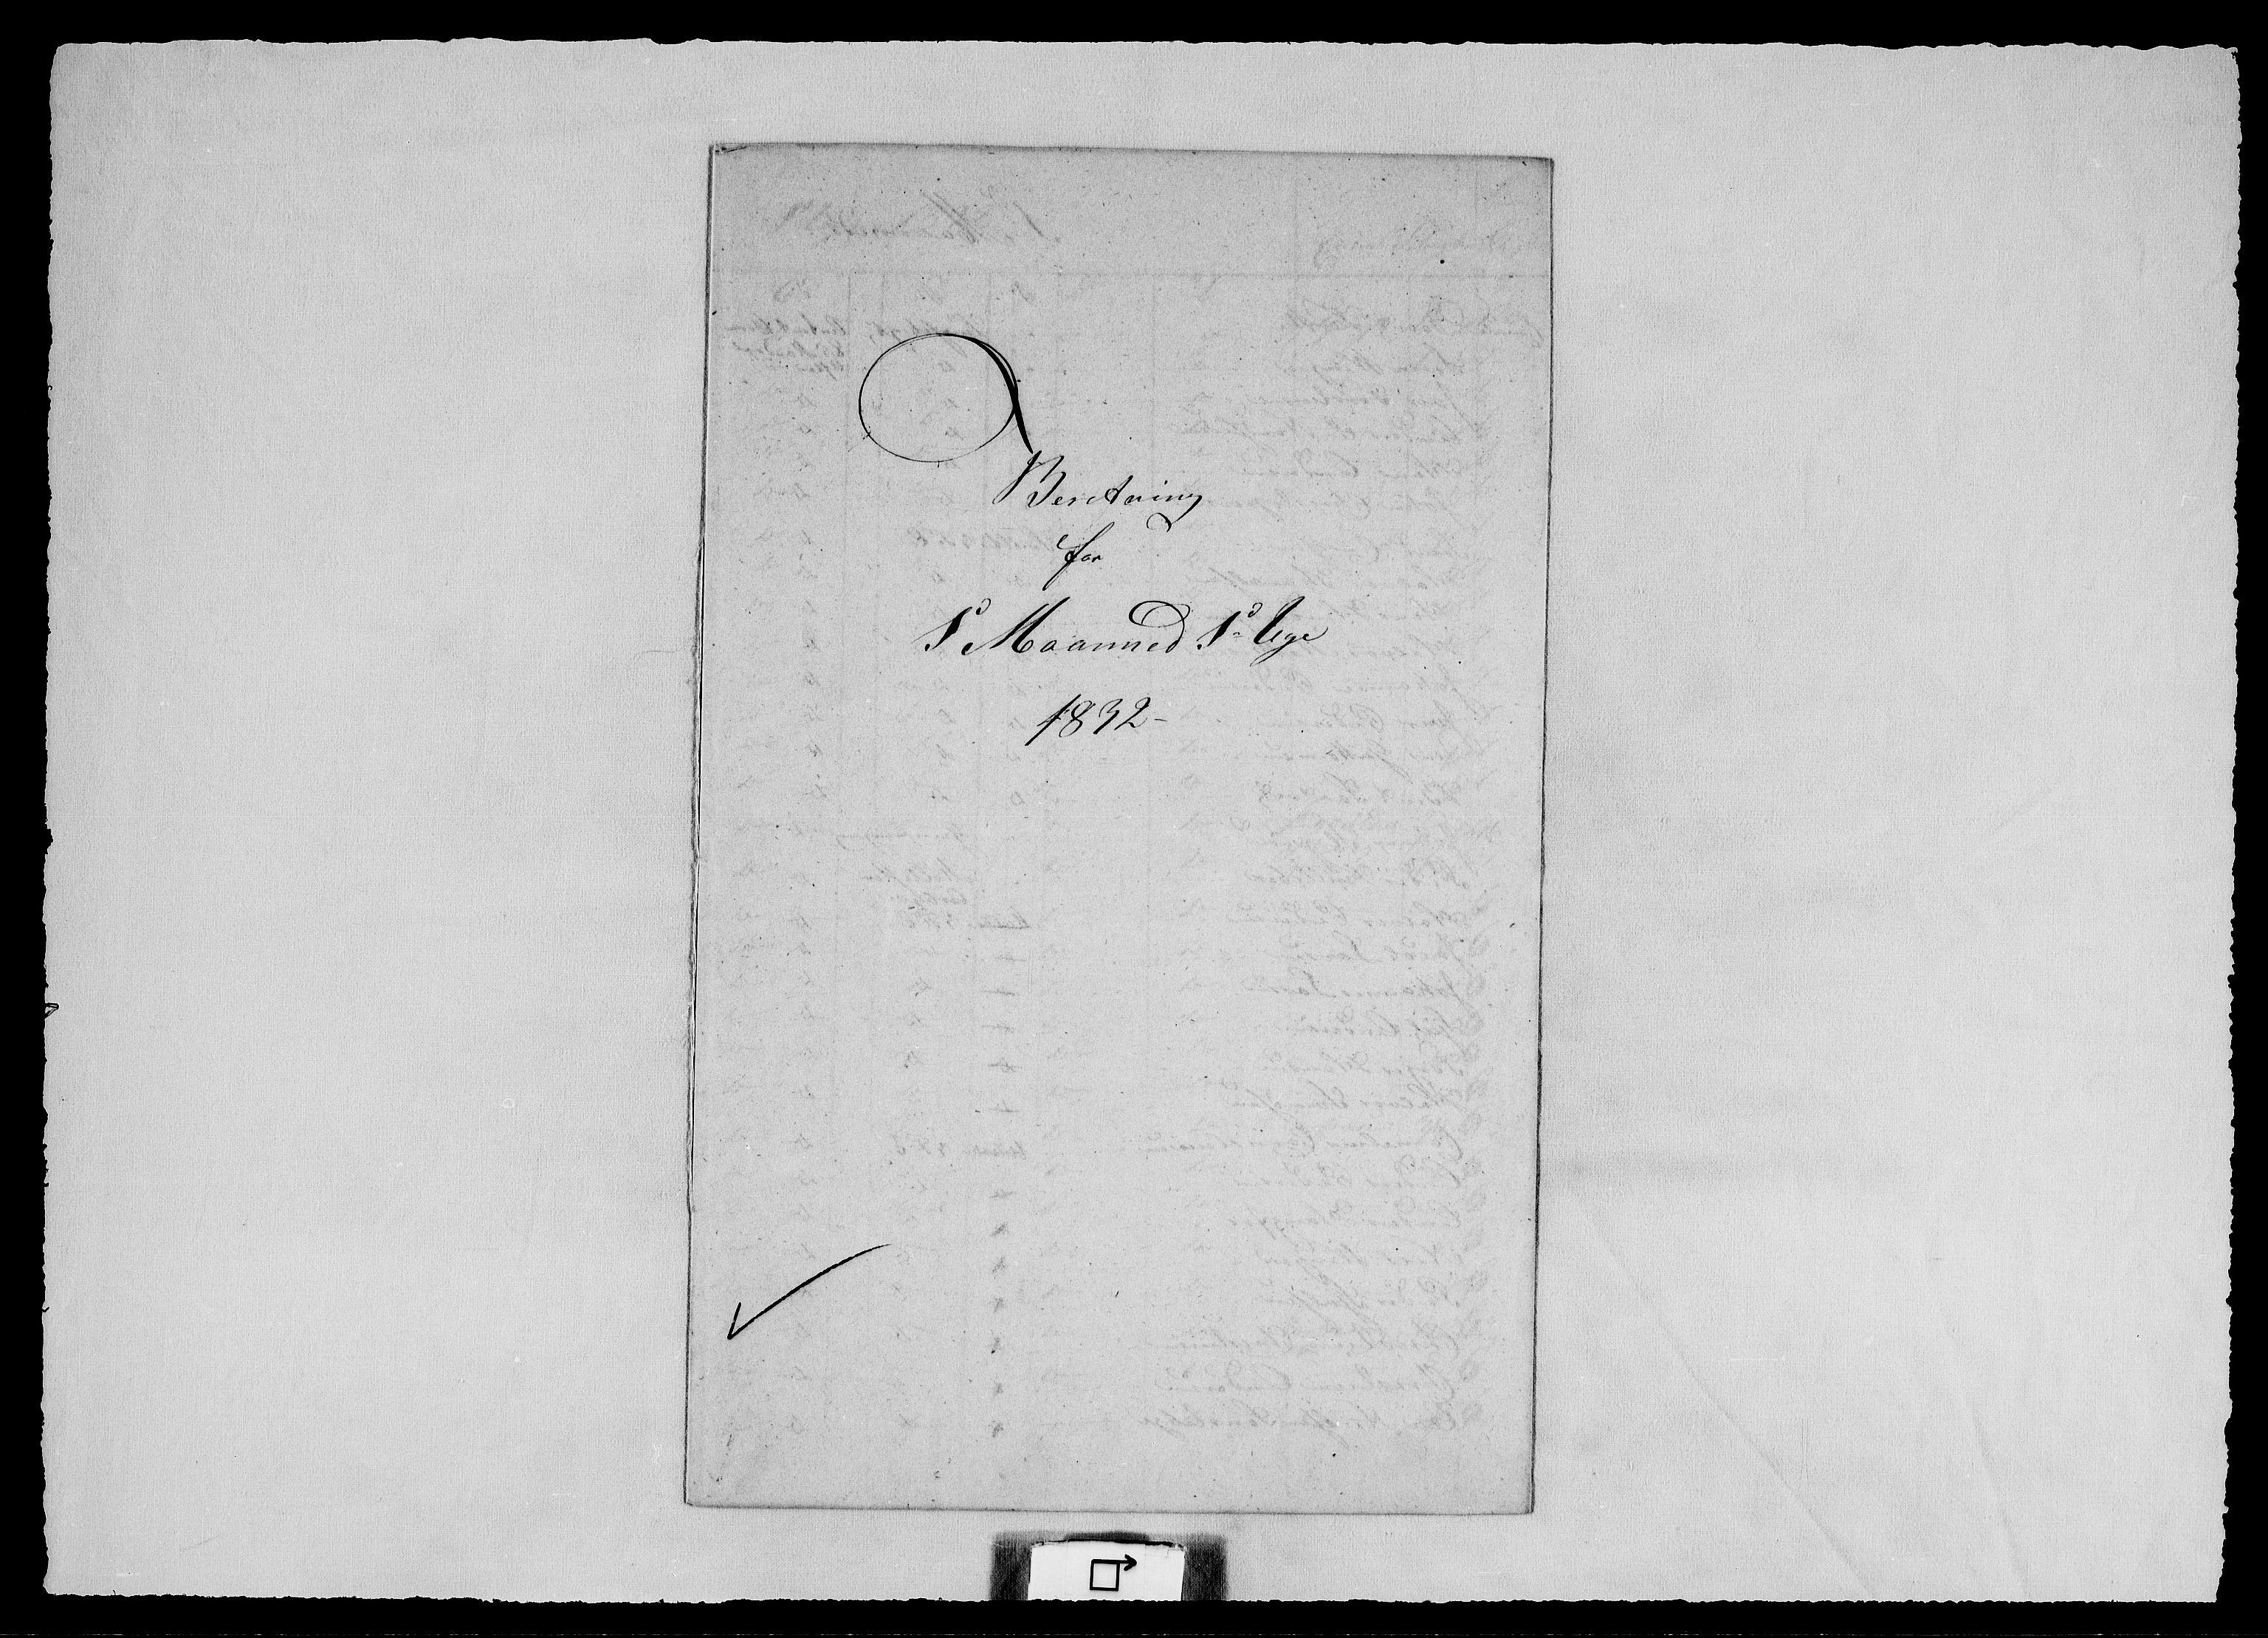 RA, Modums Blaafarveværk, G/Ge/L0321, 1832, s. 2